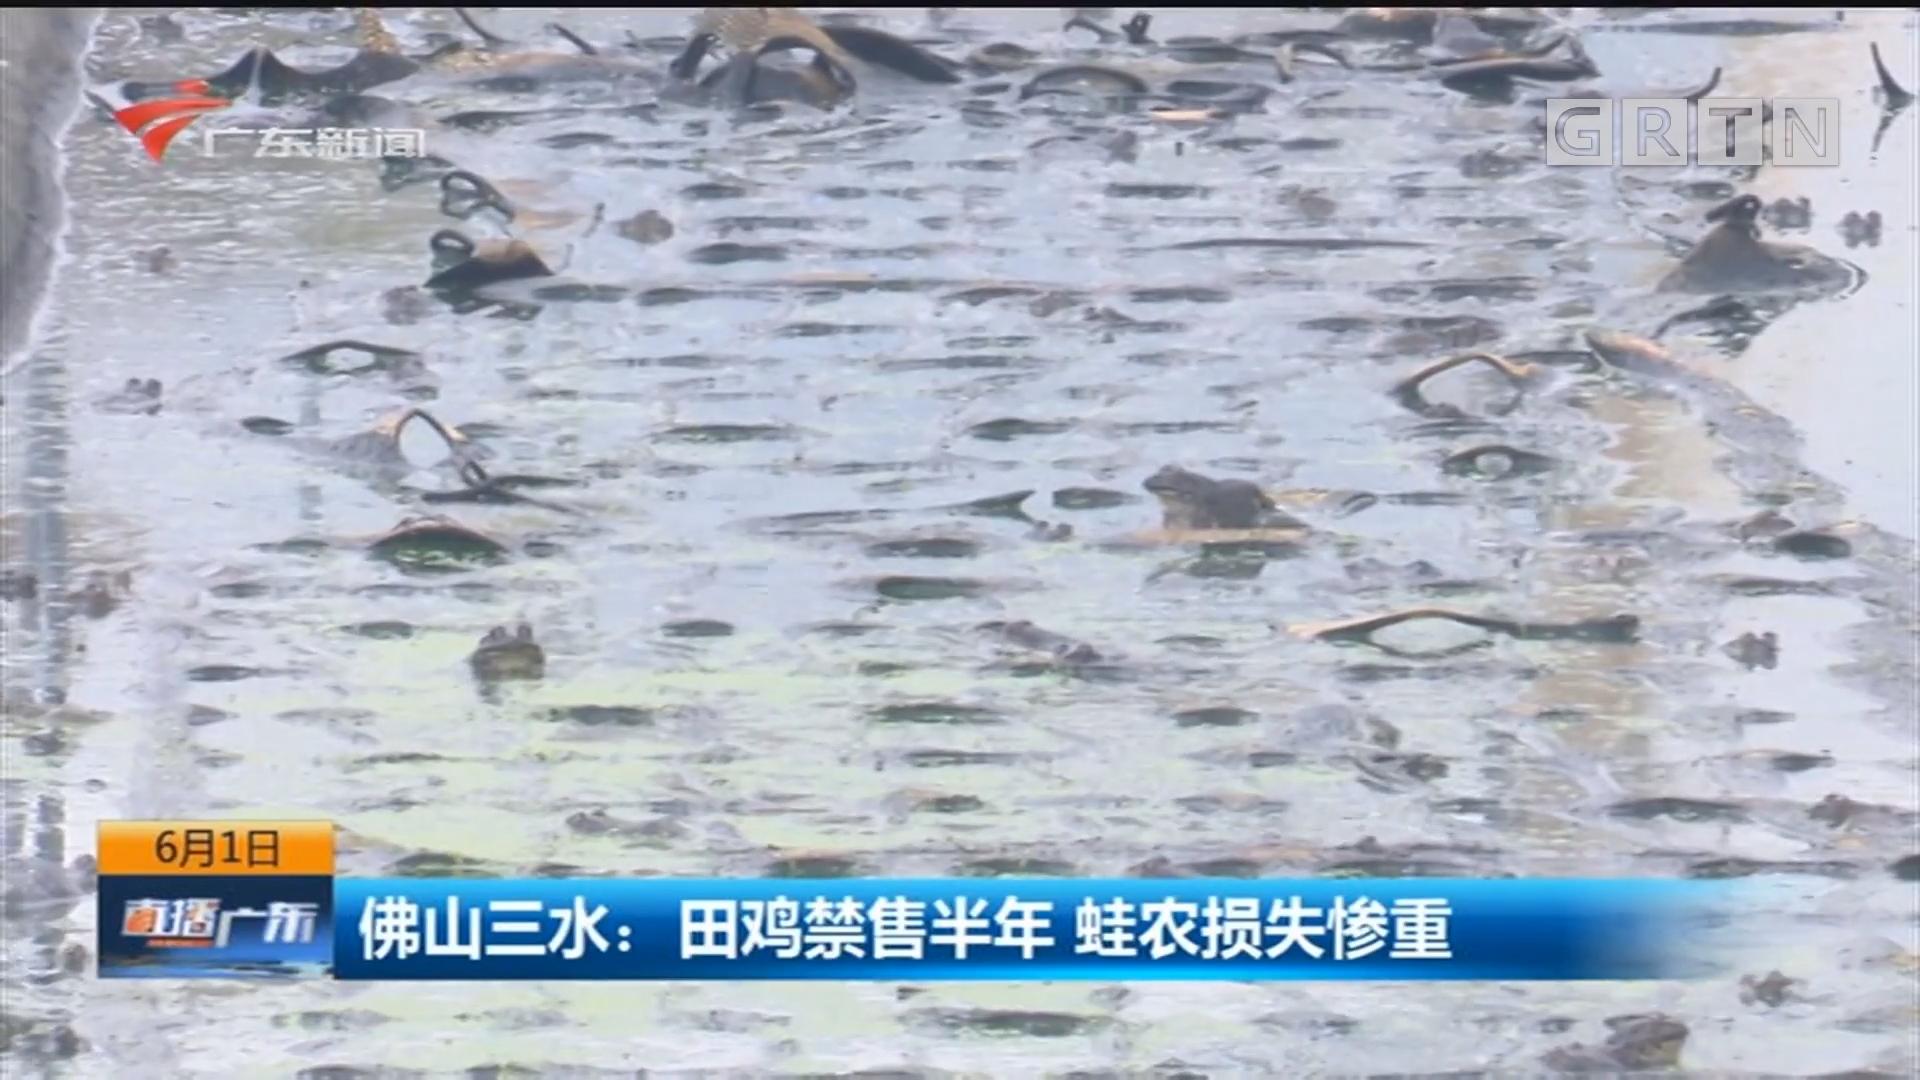 佛山三水:田鸡禁售半年 蛙农损失惨重